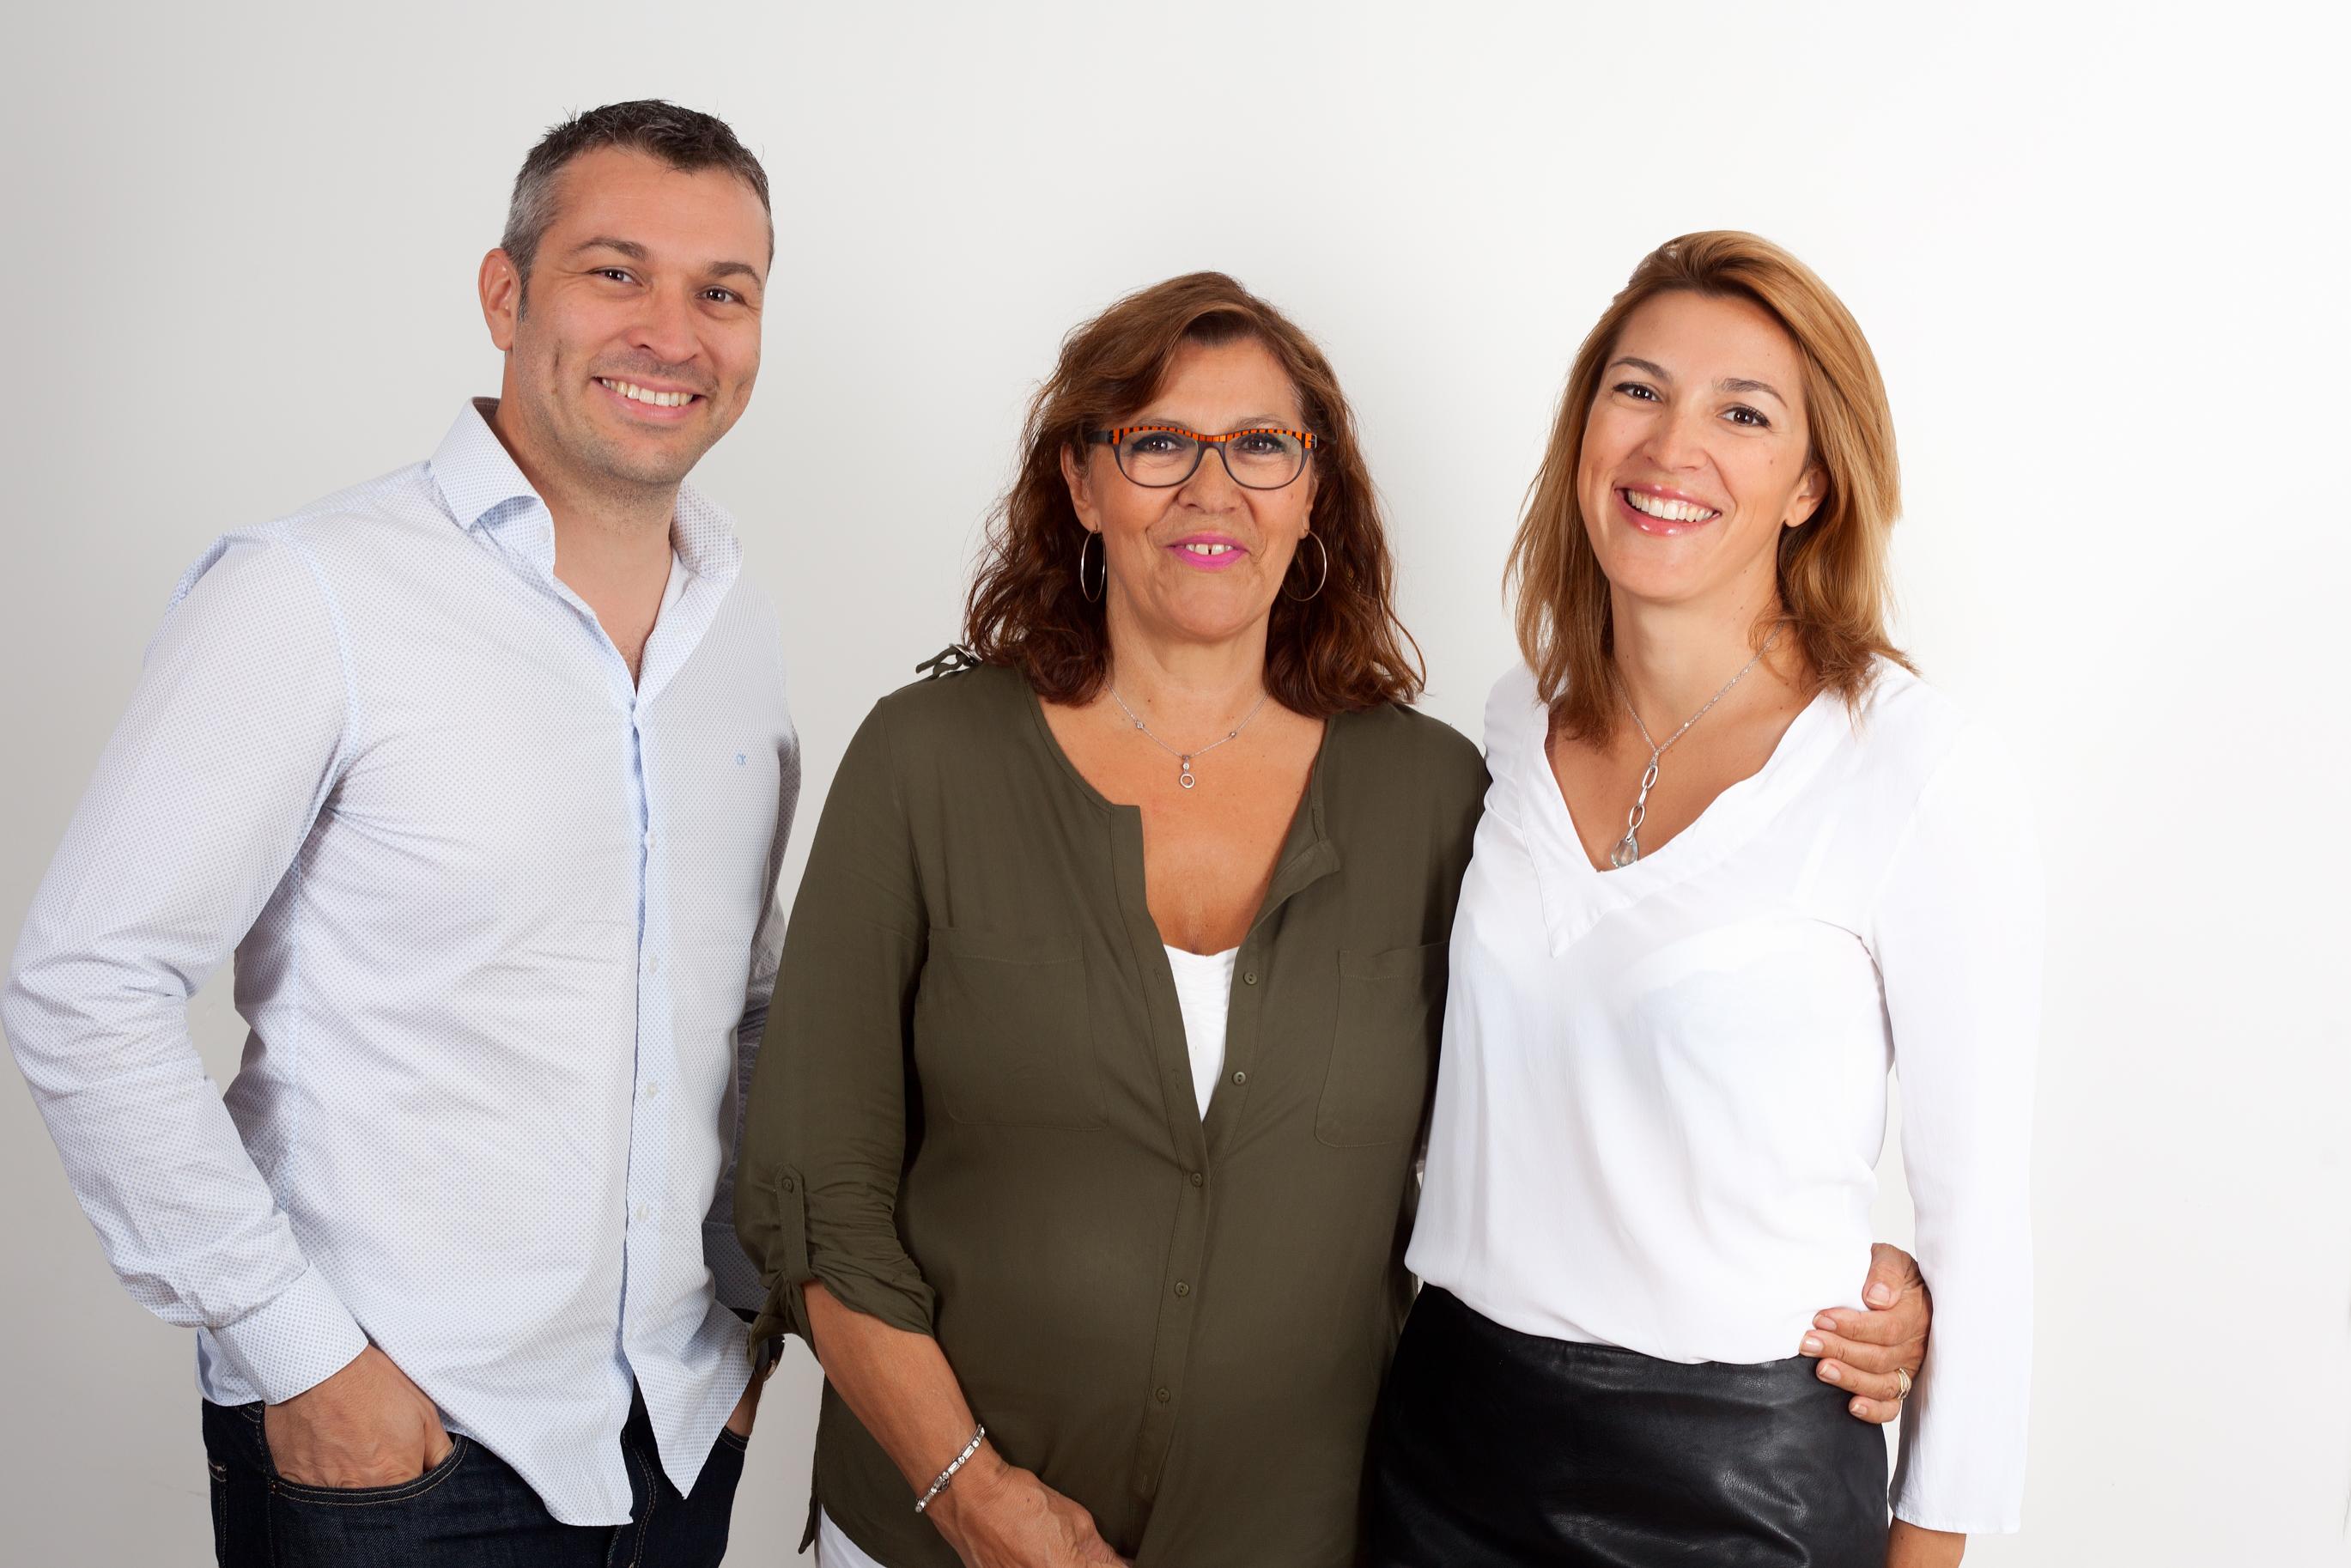 Le trio dirigeant de RTS : François-Xavier et Diane Delacoux entourent leur mère, Madeleine. © Geneviève Motsch.